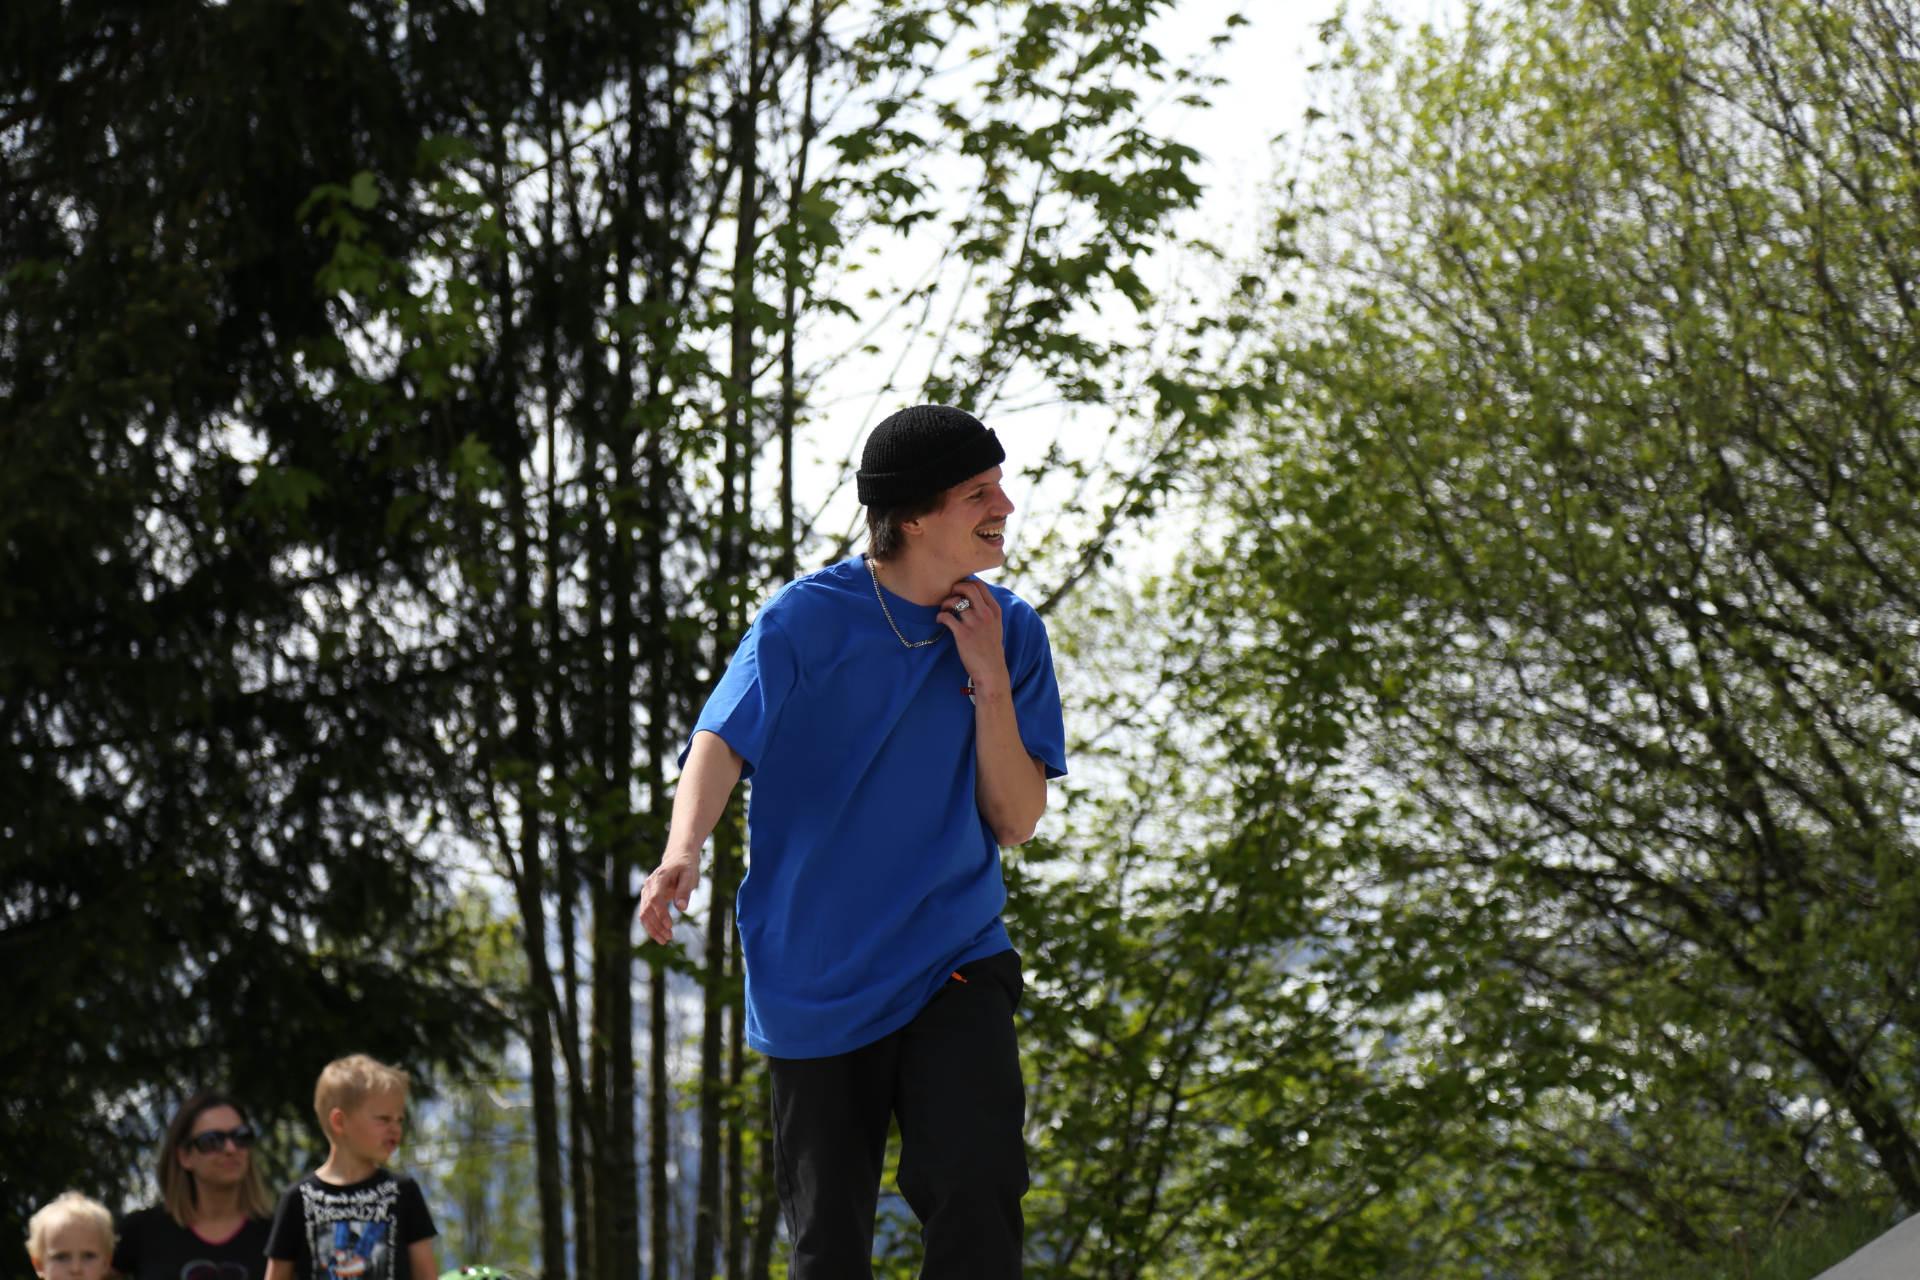 skateboard headz fieberbrunn kgt kitz gau trophy 2019 saalfelden hell00100